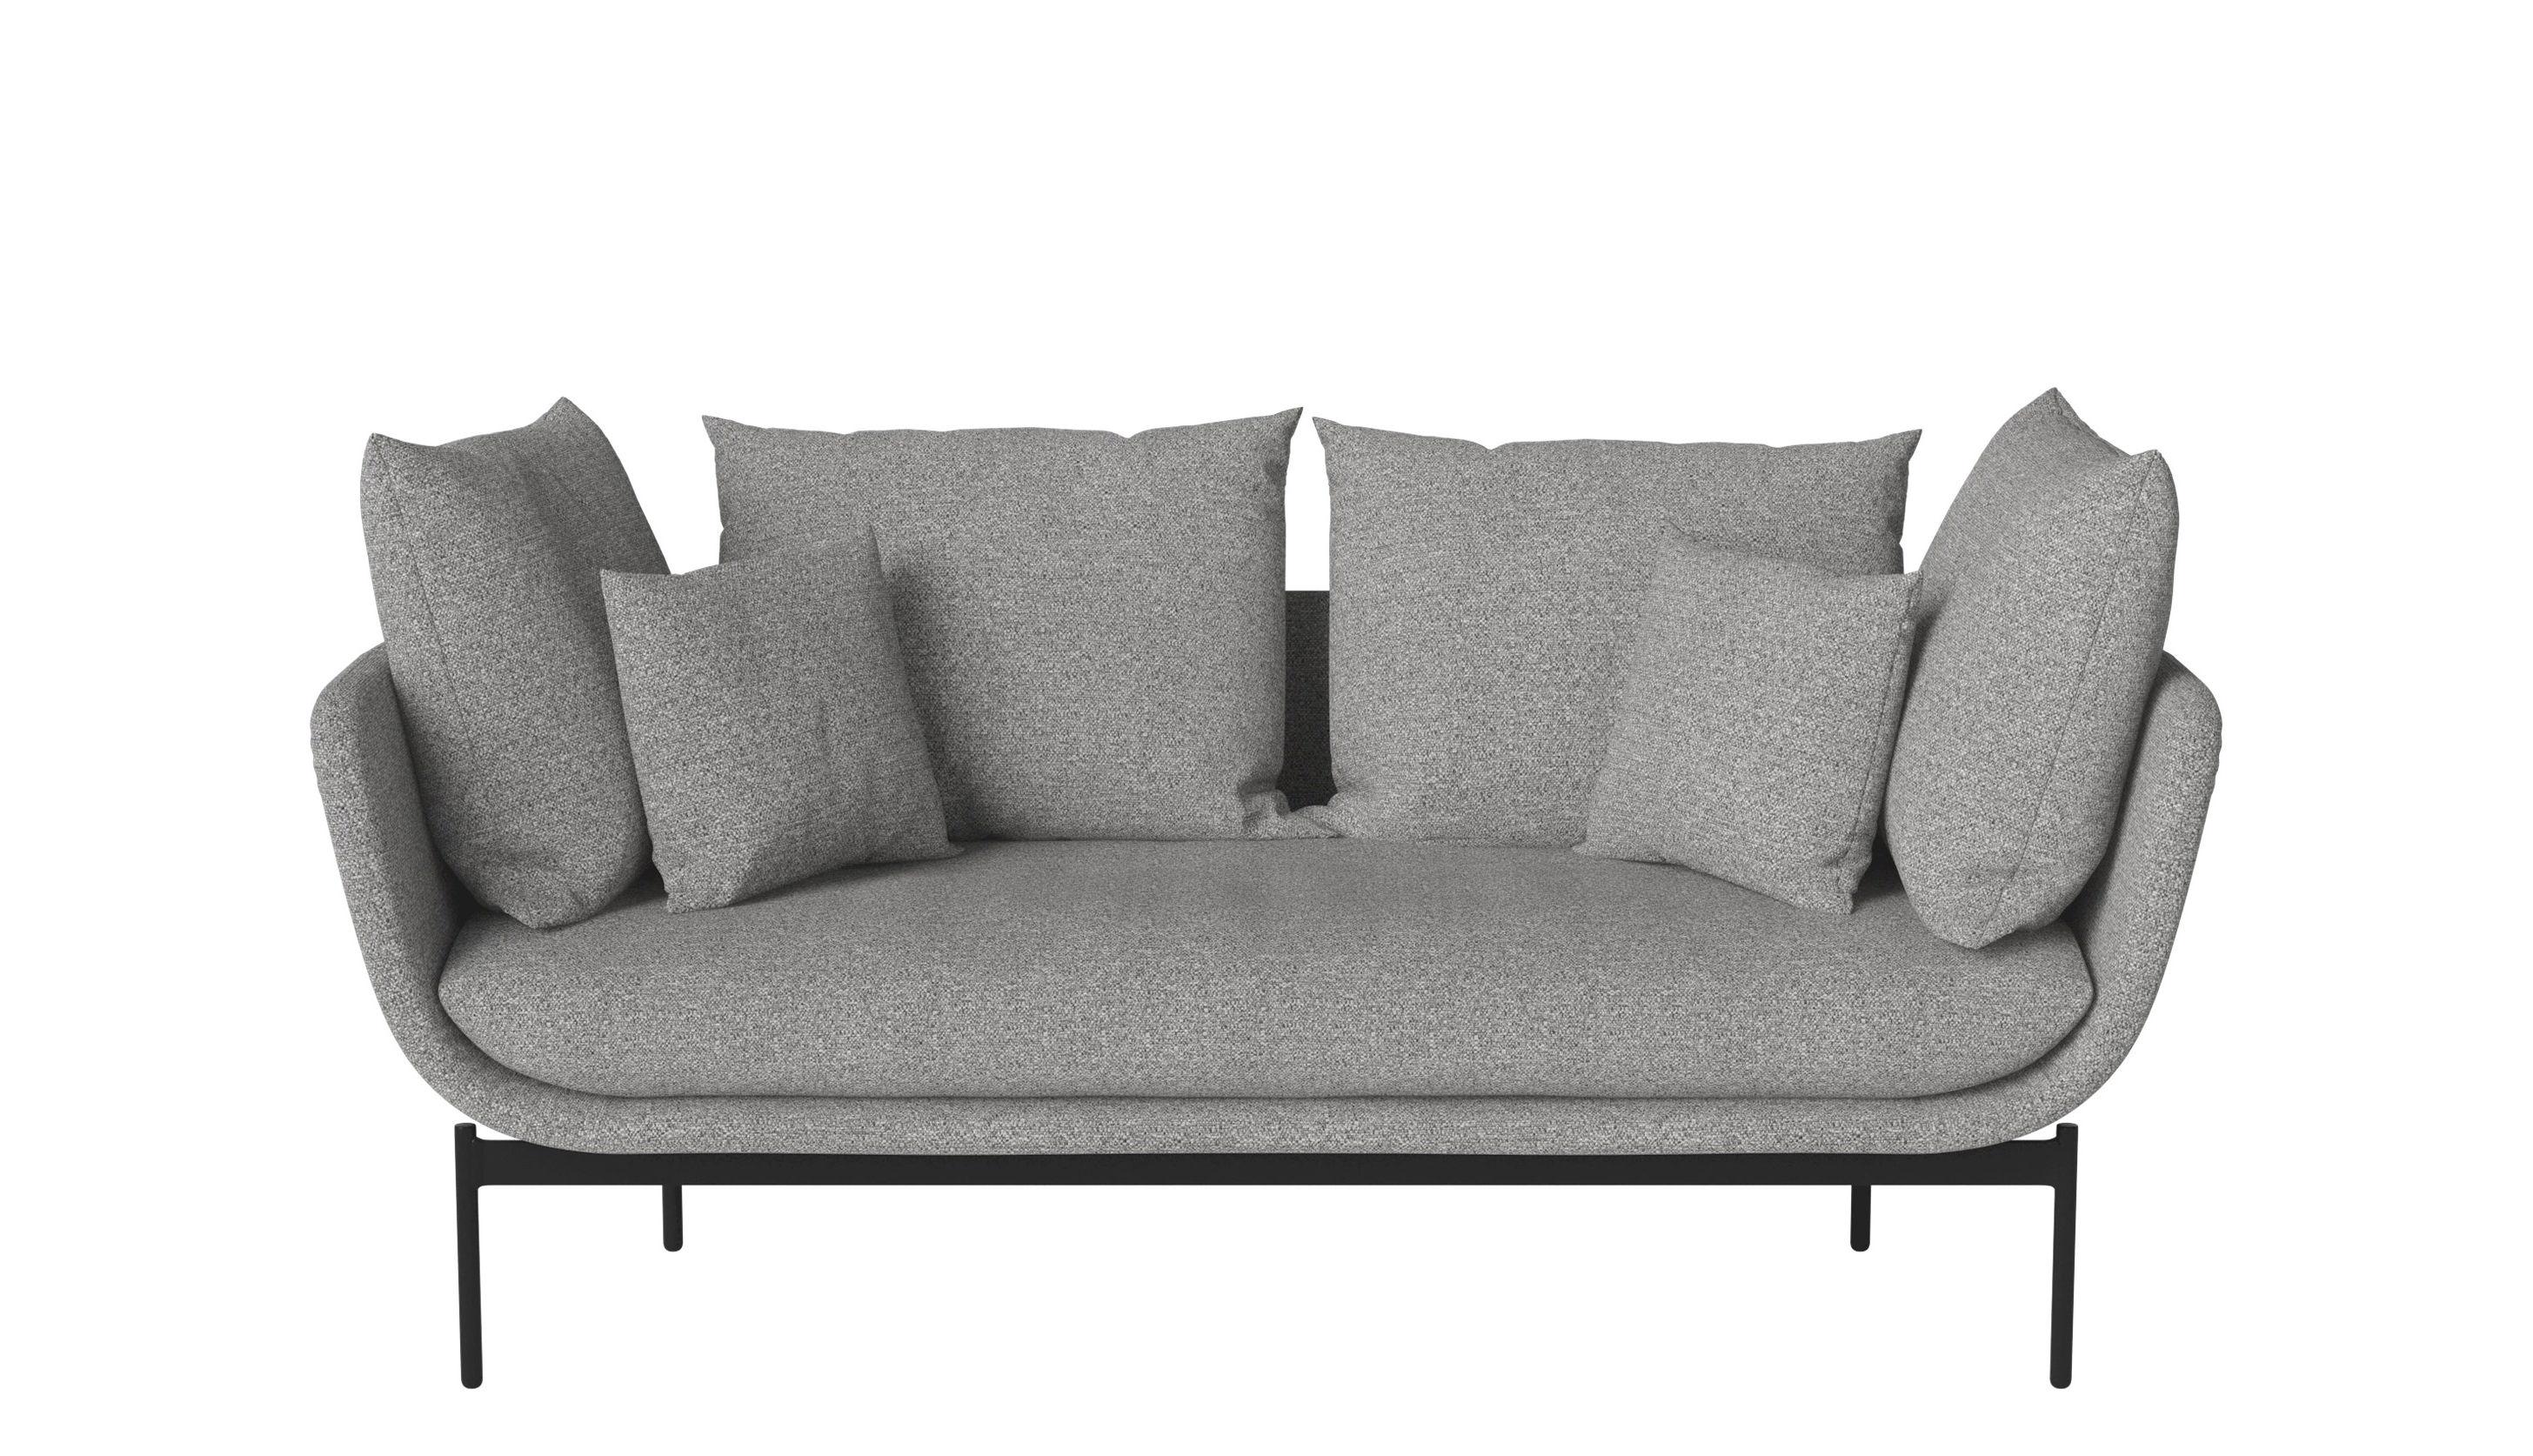 Mobilier - Canapés - Canapé droit Gaia / 2 places - L 185 cm - Bolia - Gris clair - Acier laqué, Mousse froide, Plume, Tissu Hazel